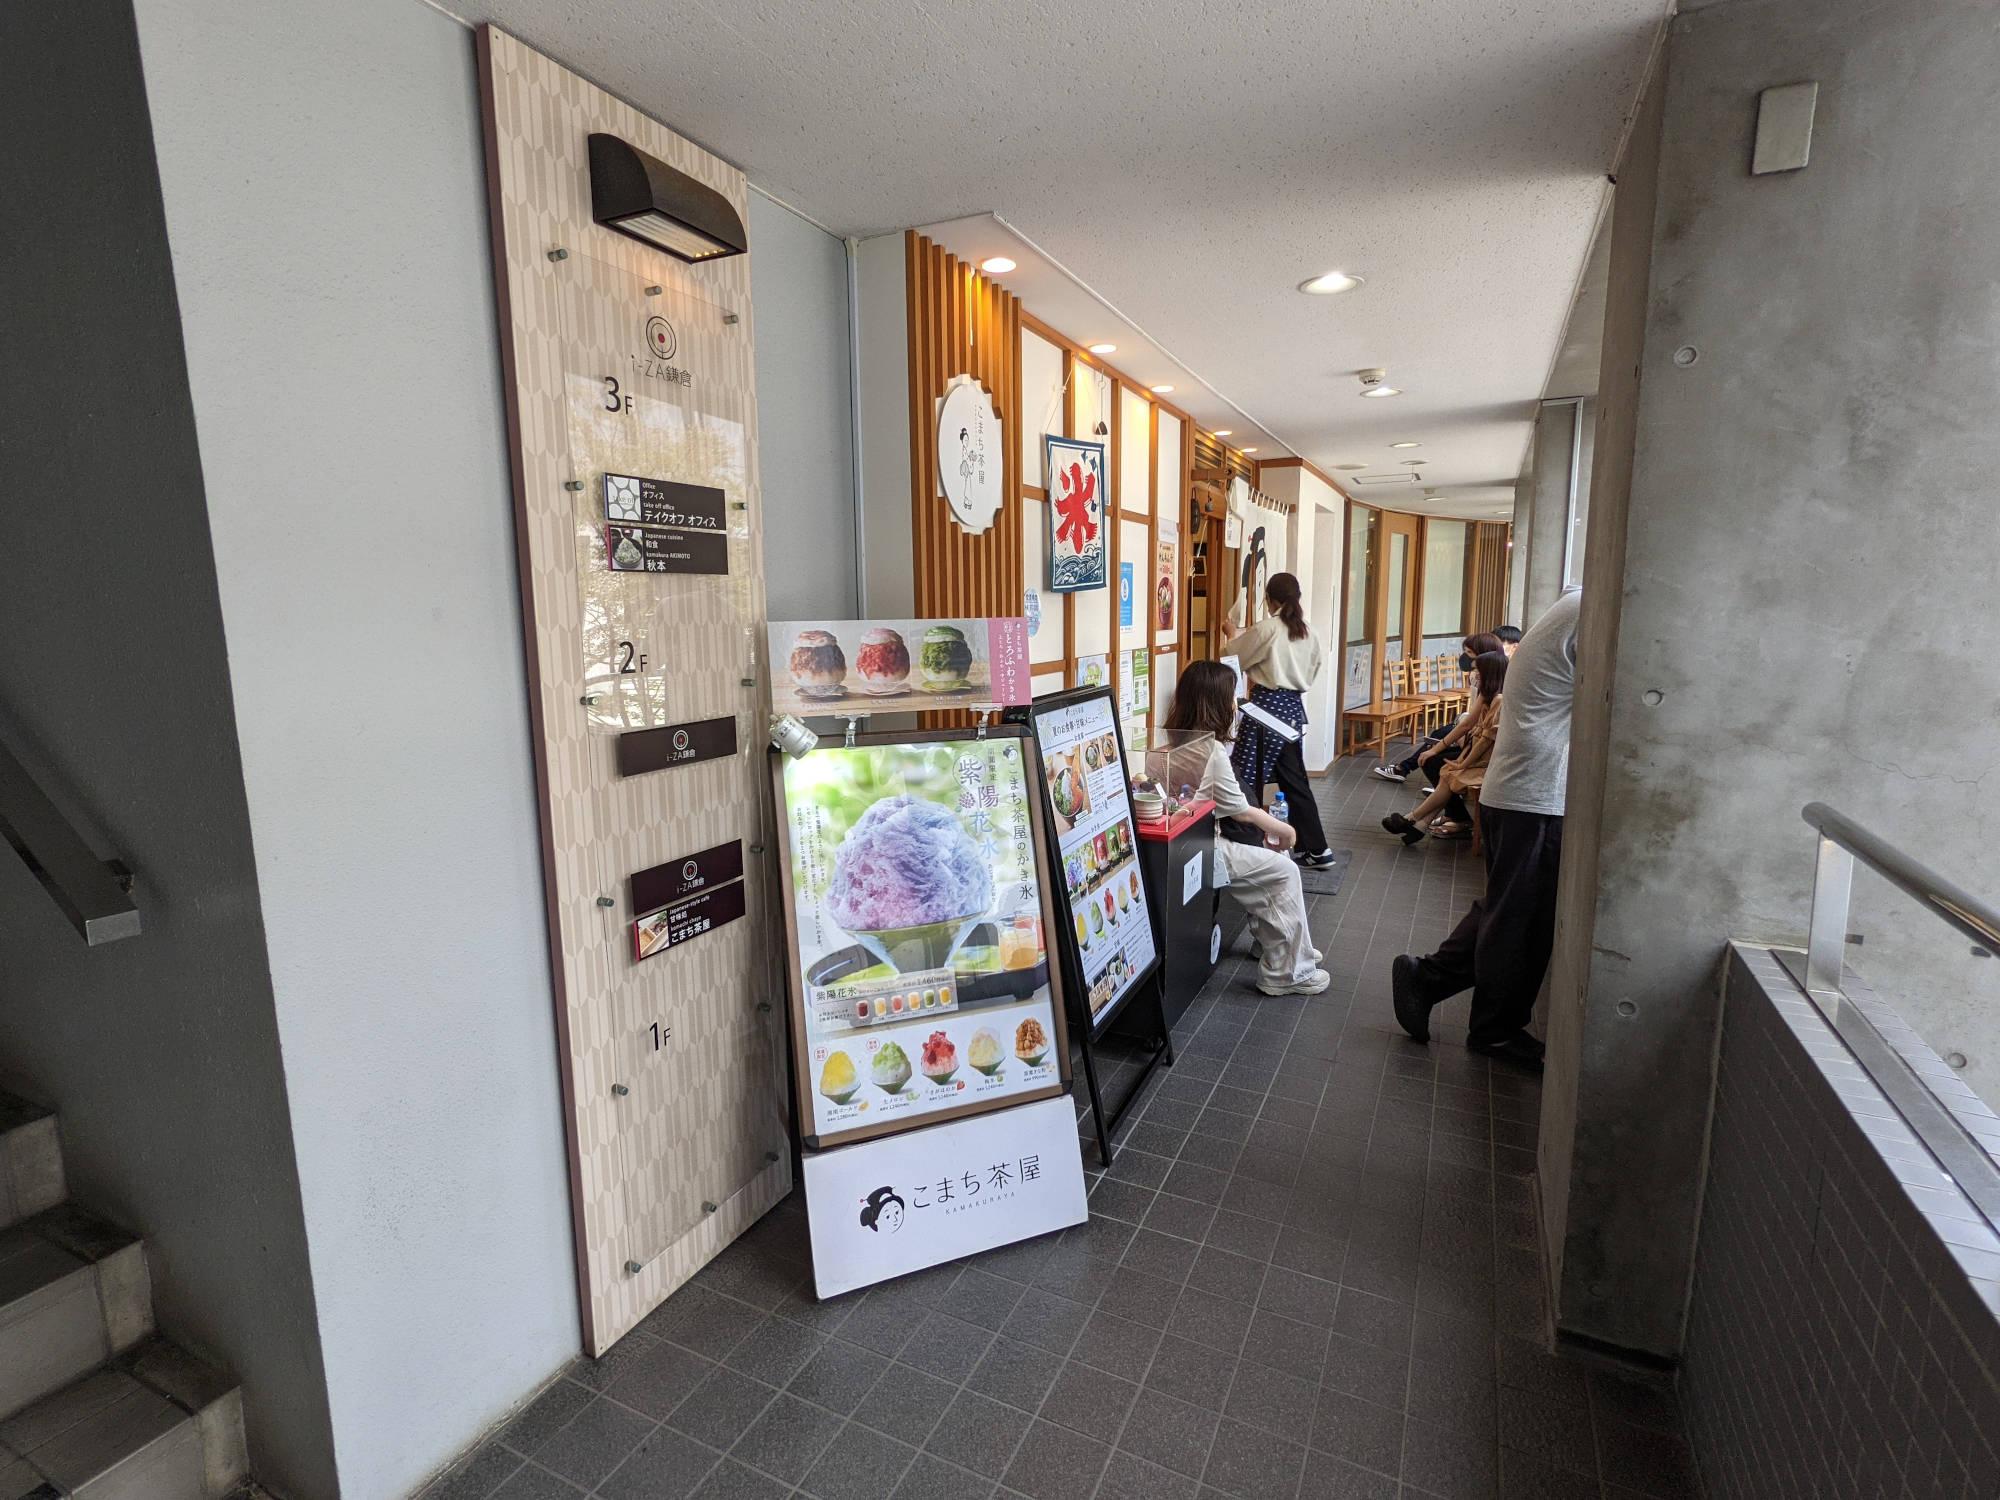 【鎌倉】こまち茶屋の店の前